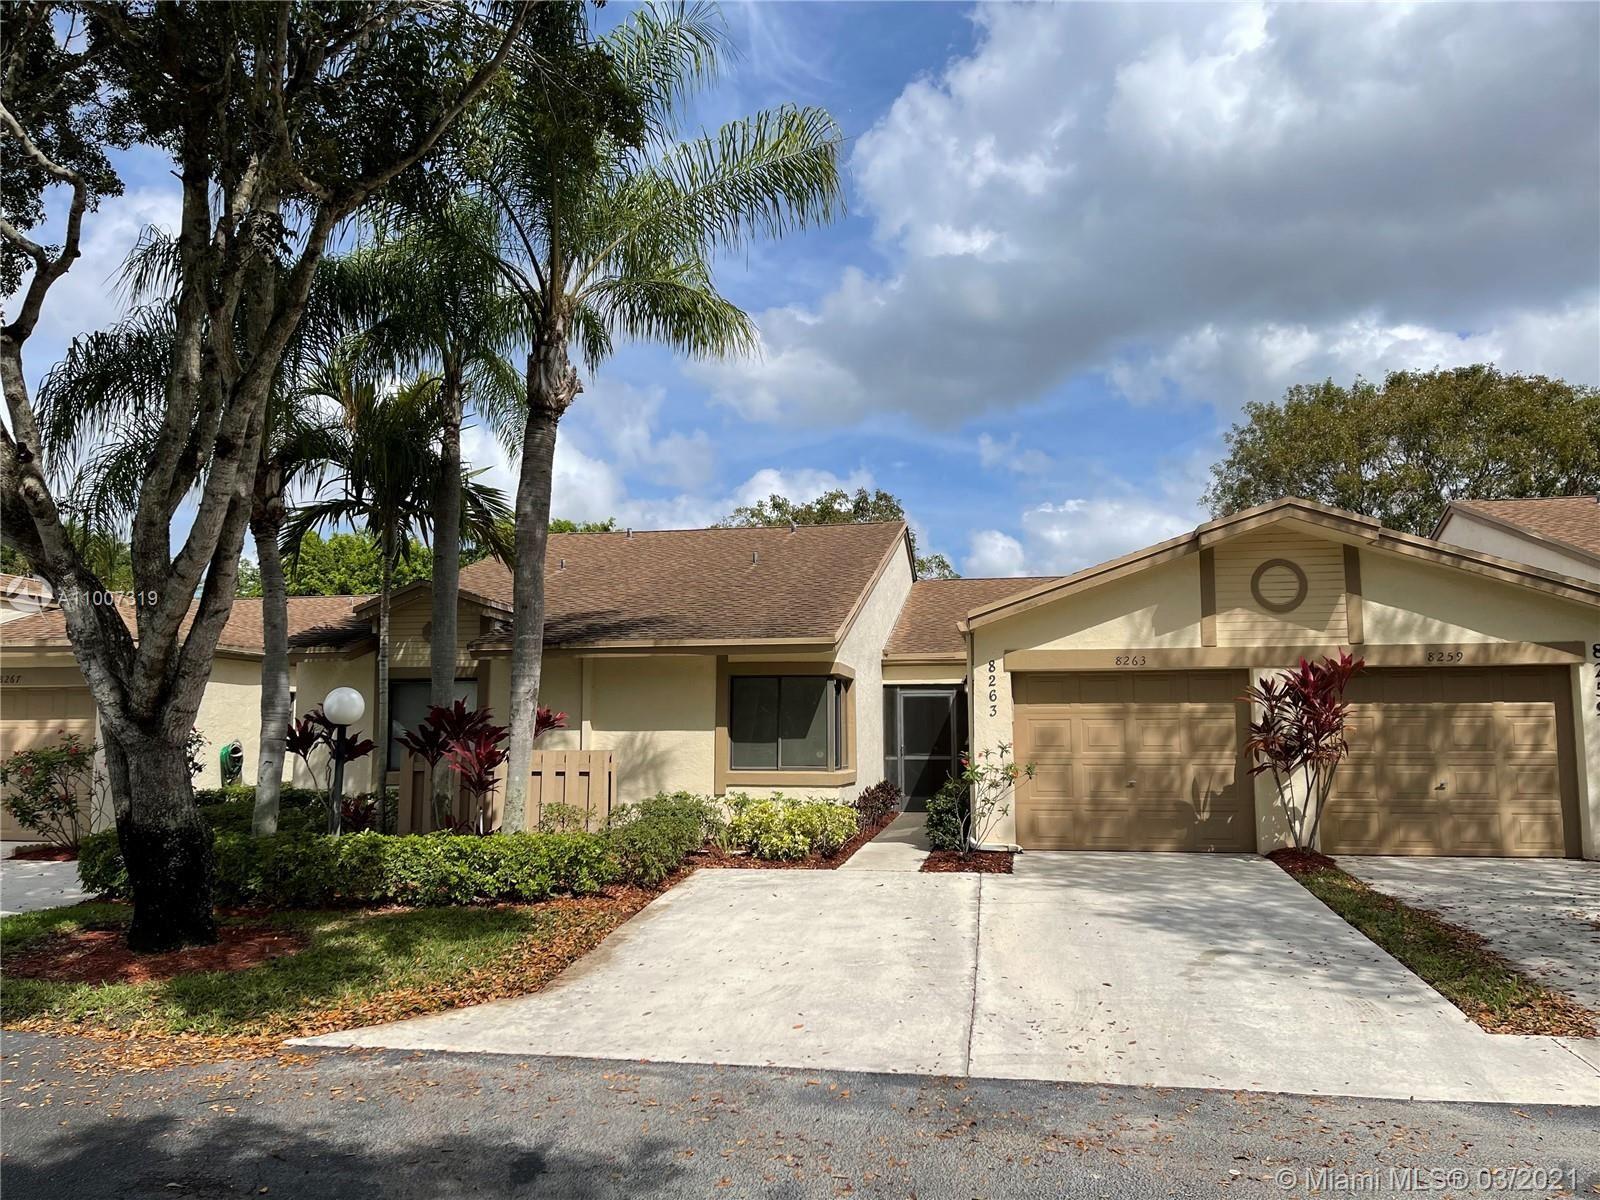 8263 Whispering Palm Dr, Boca Raton, FL 33496 - #: A11007319